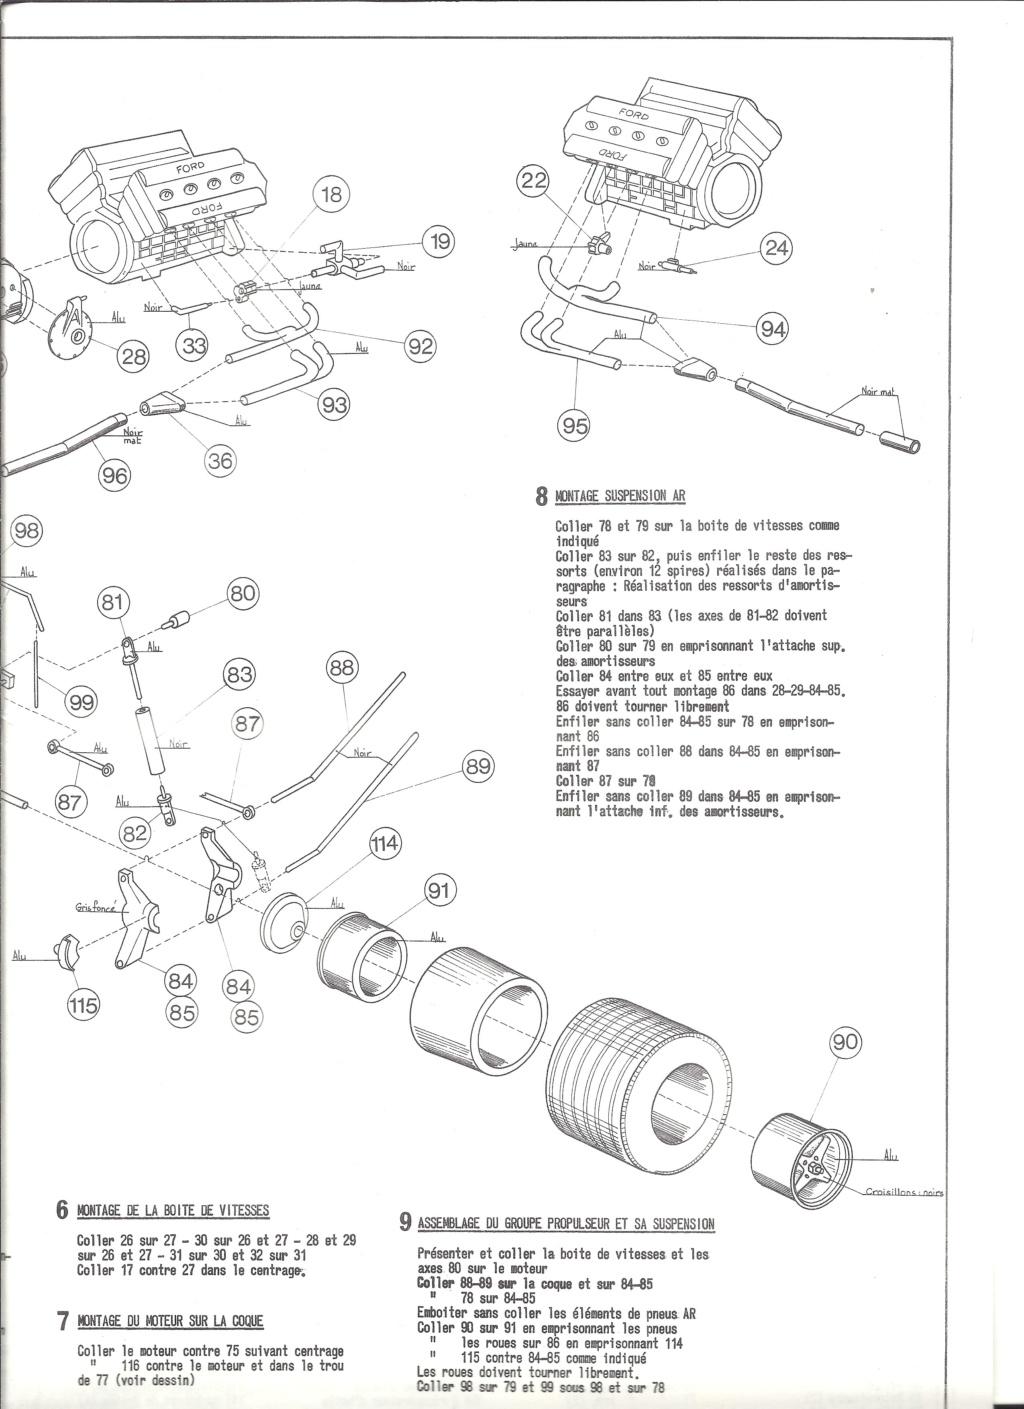 McLAREN M7A Formule I 1/24ème Réf L757 Notice Helle202